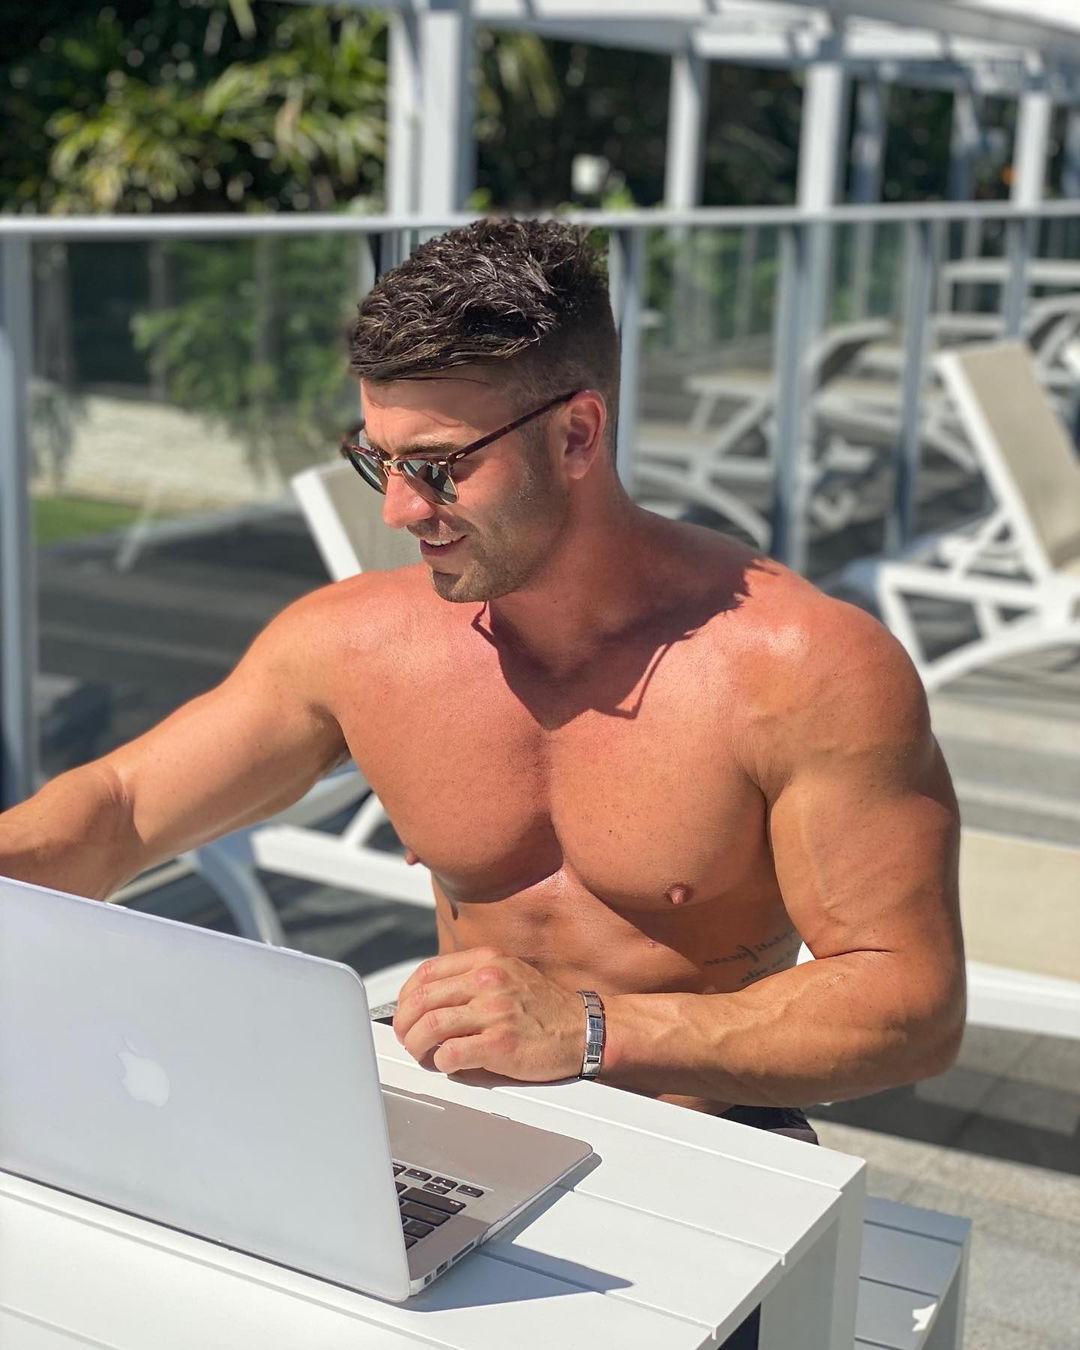 hot-guys-big-nipples-pecs-josh-phillips-working-hard-laptop-shirtless-fit-hunk